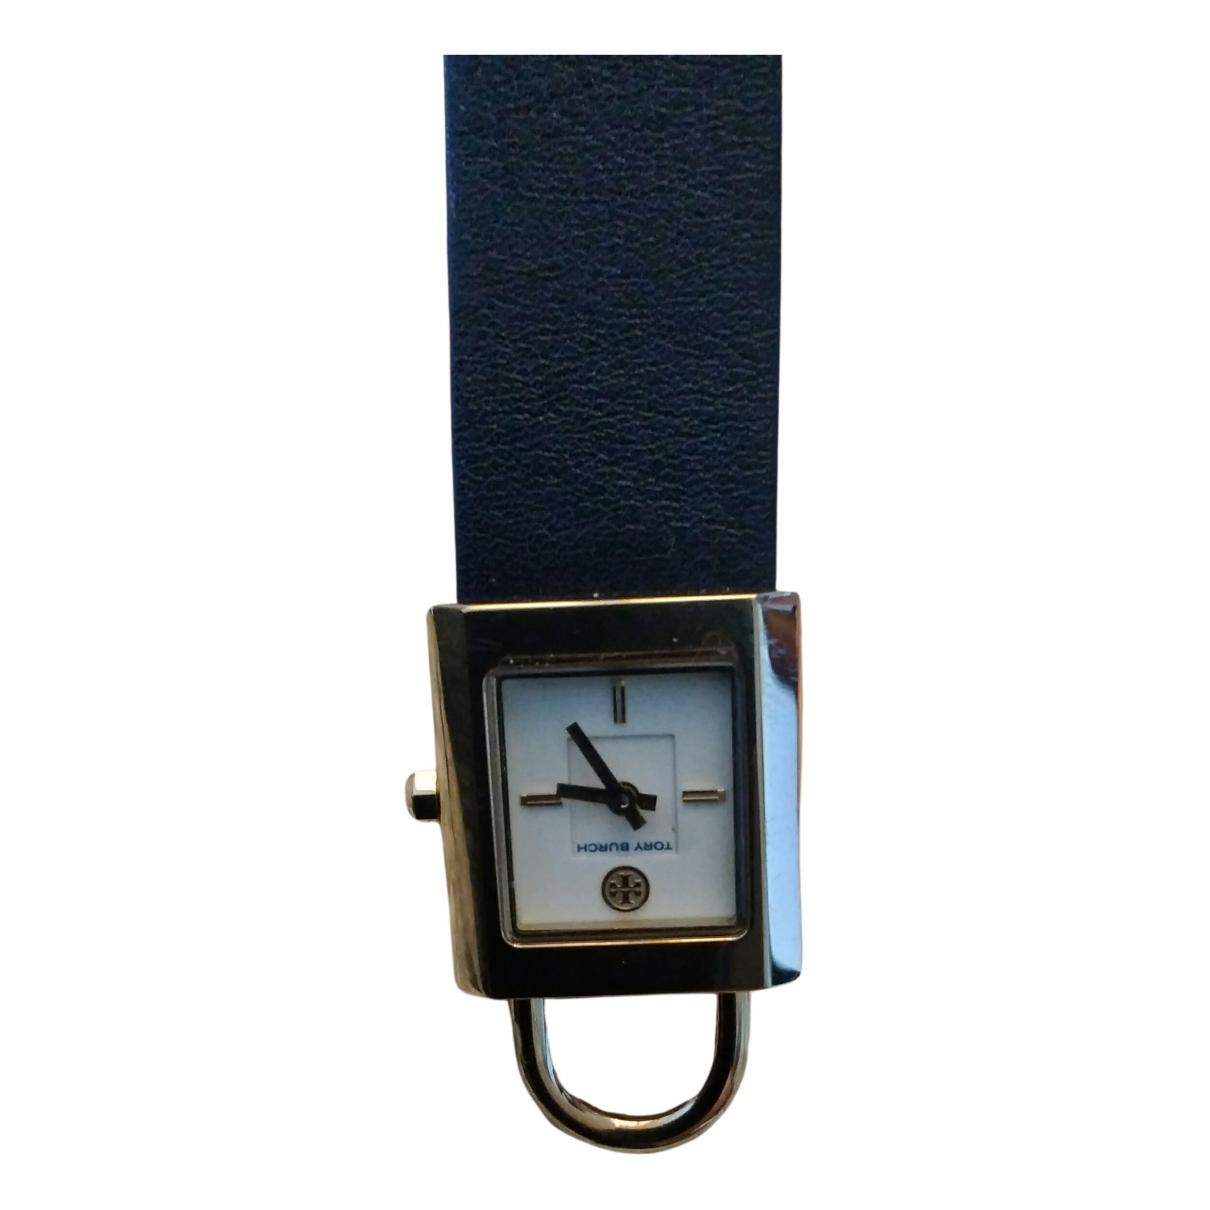 Tory Burch \N Uhr in  Schwarz Vergoldet